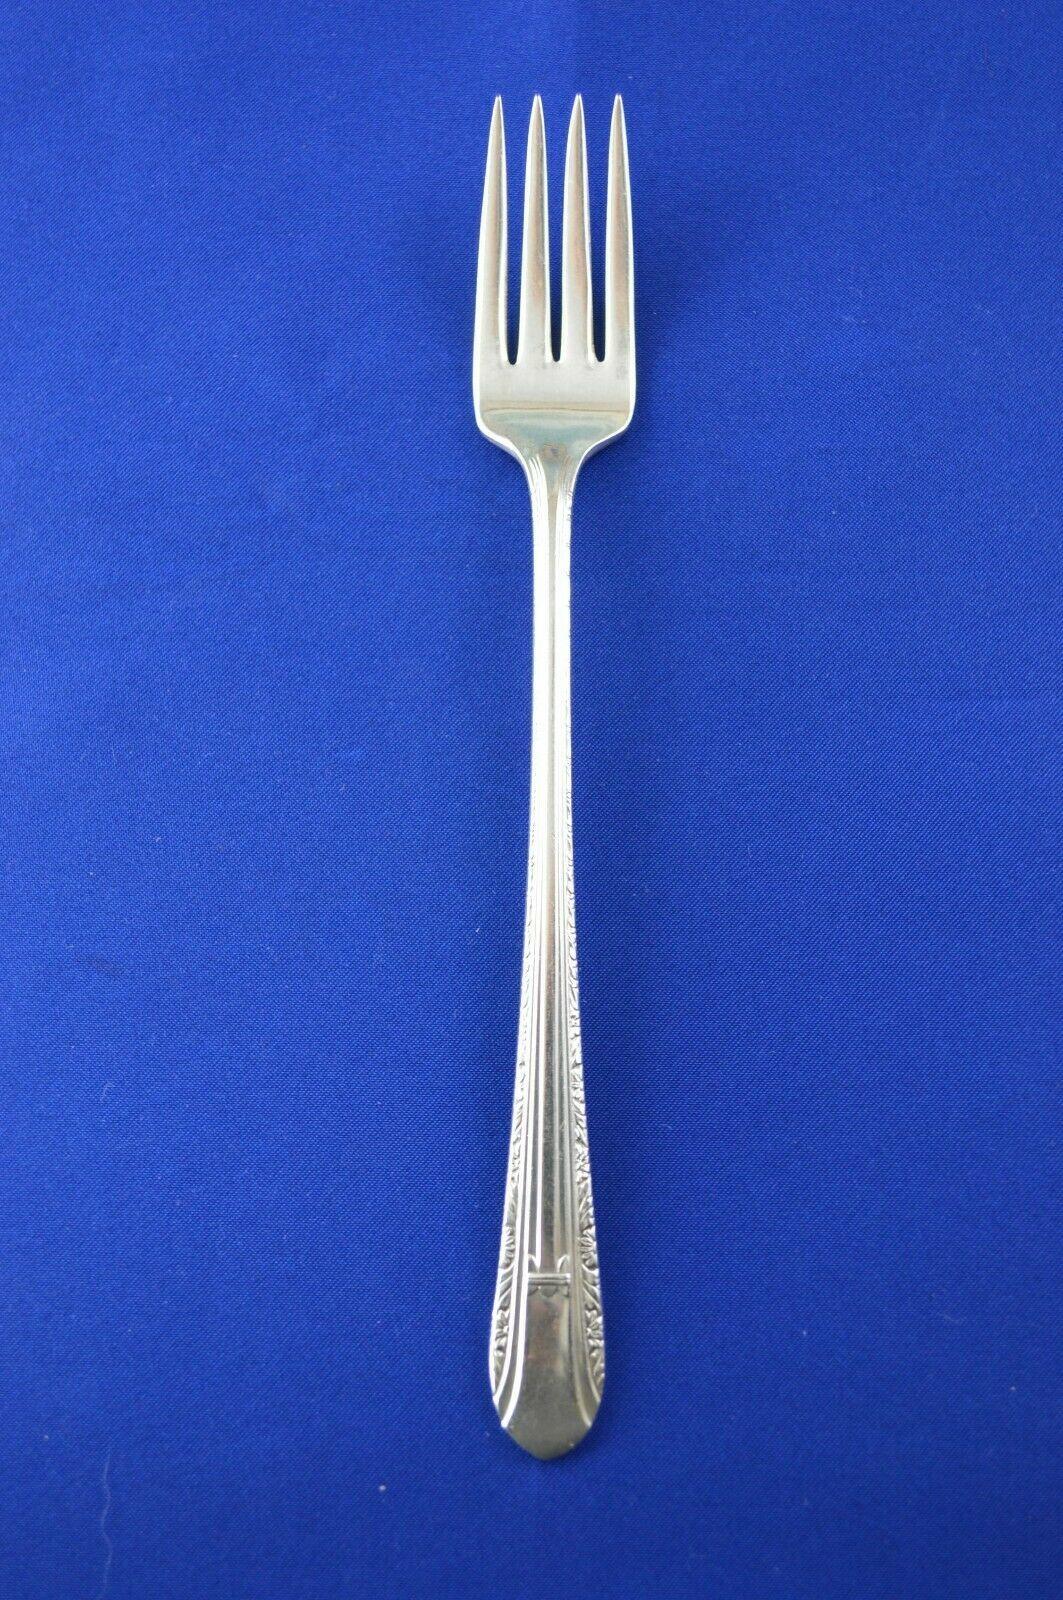 Wm Rogers Regent 1939 Grille Fork - $2.97